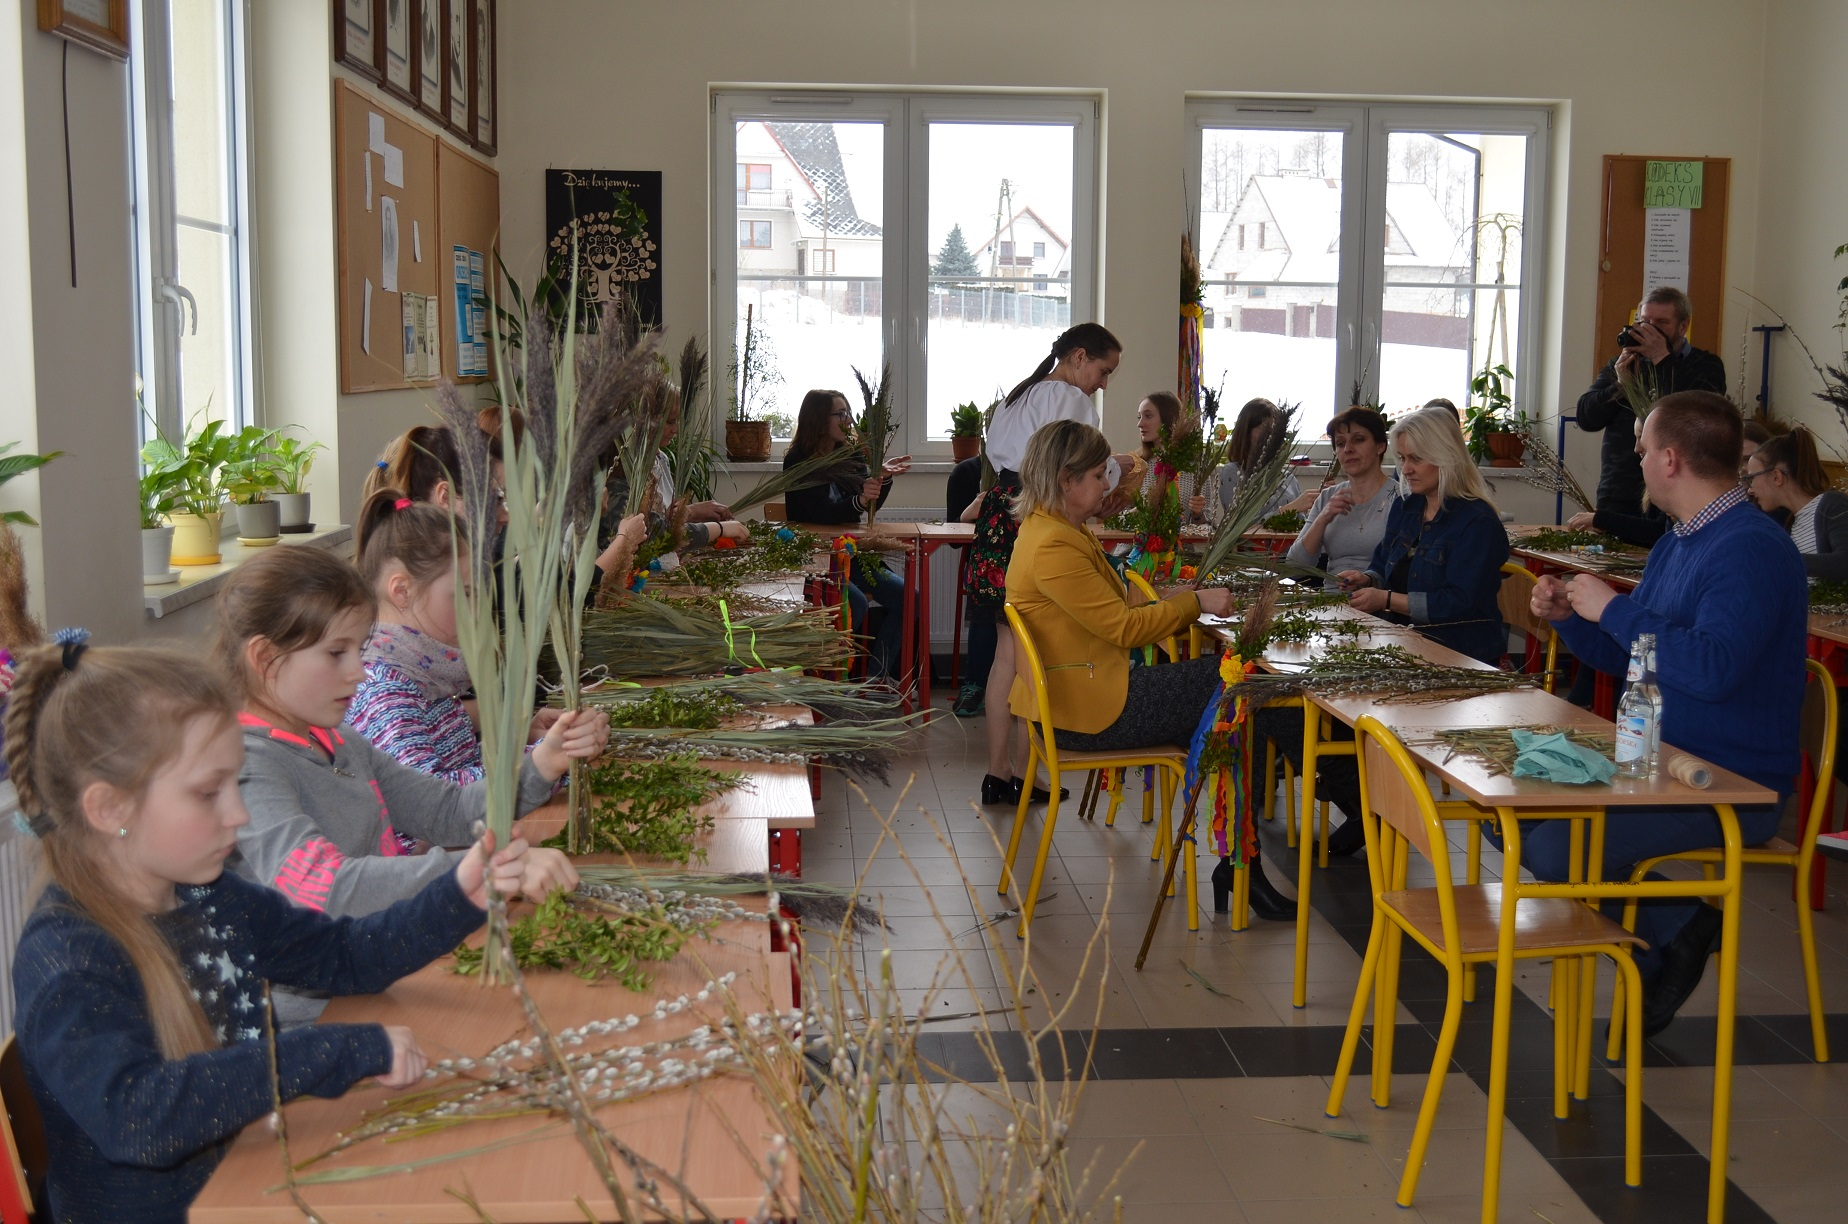 Sala szkolna. Przy stolikach siedzą dzieci i dorośli. Trzymają w dłoniach wiązki trawy stawowej. Przed nimi leżą gałązki bukszpanu i wierzby z baziami